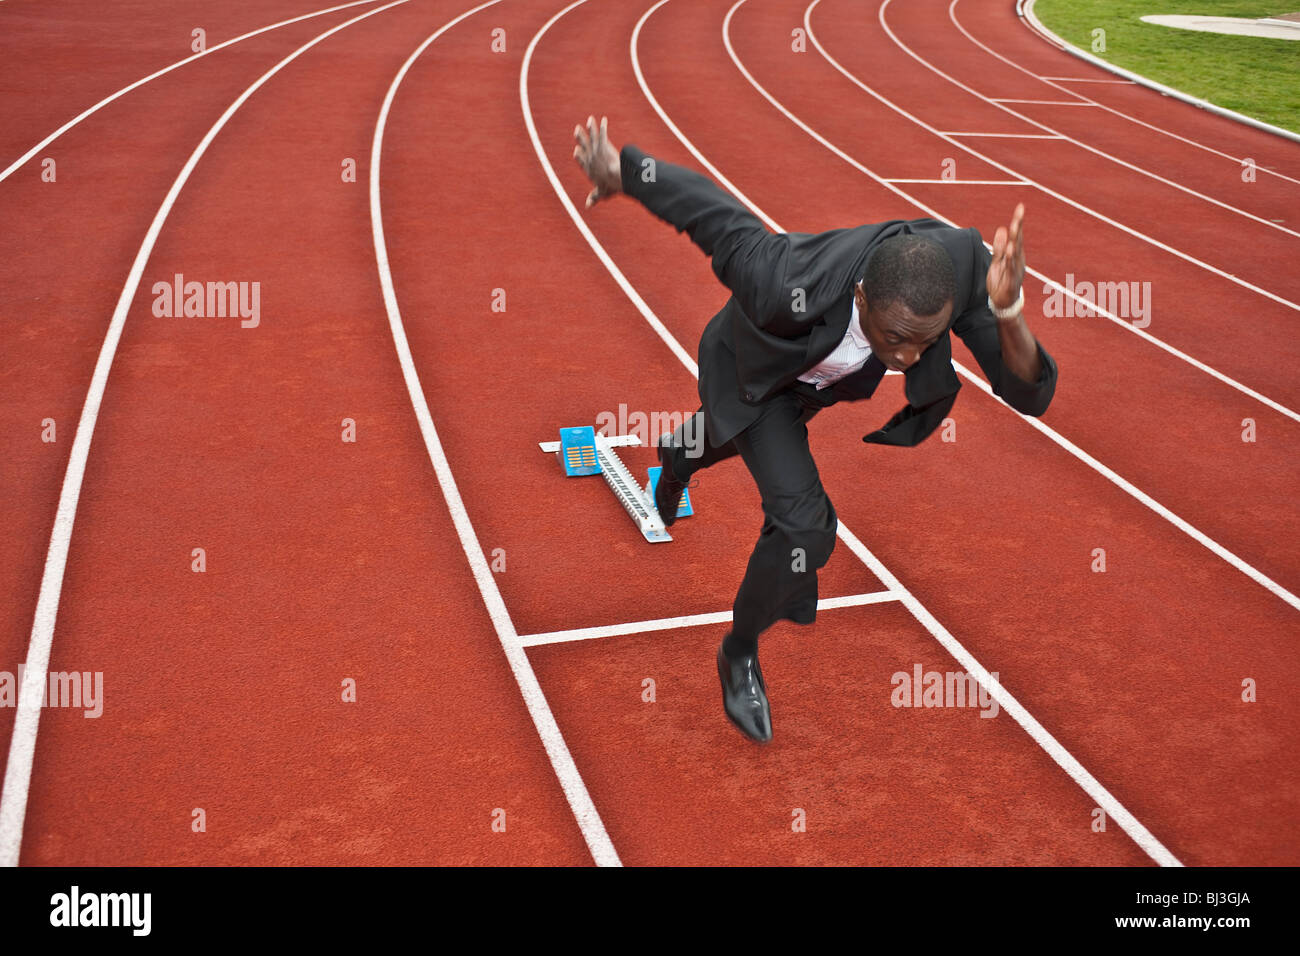 Empresario esprintar en pista de atletismo Imagen De Stock